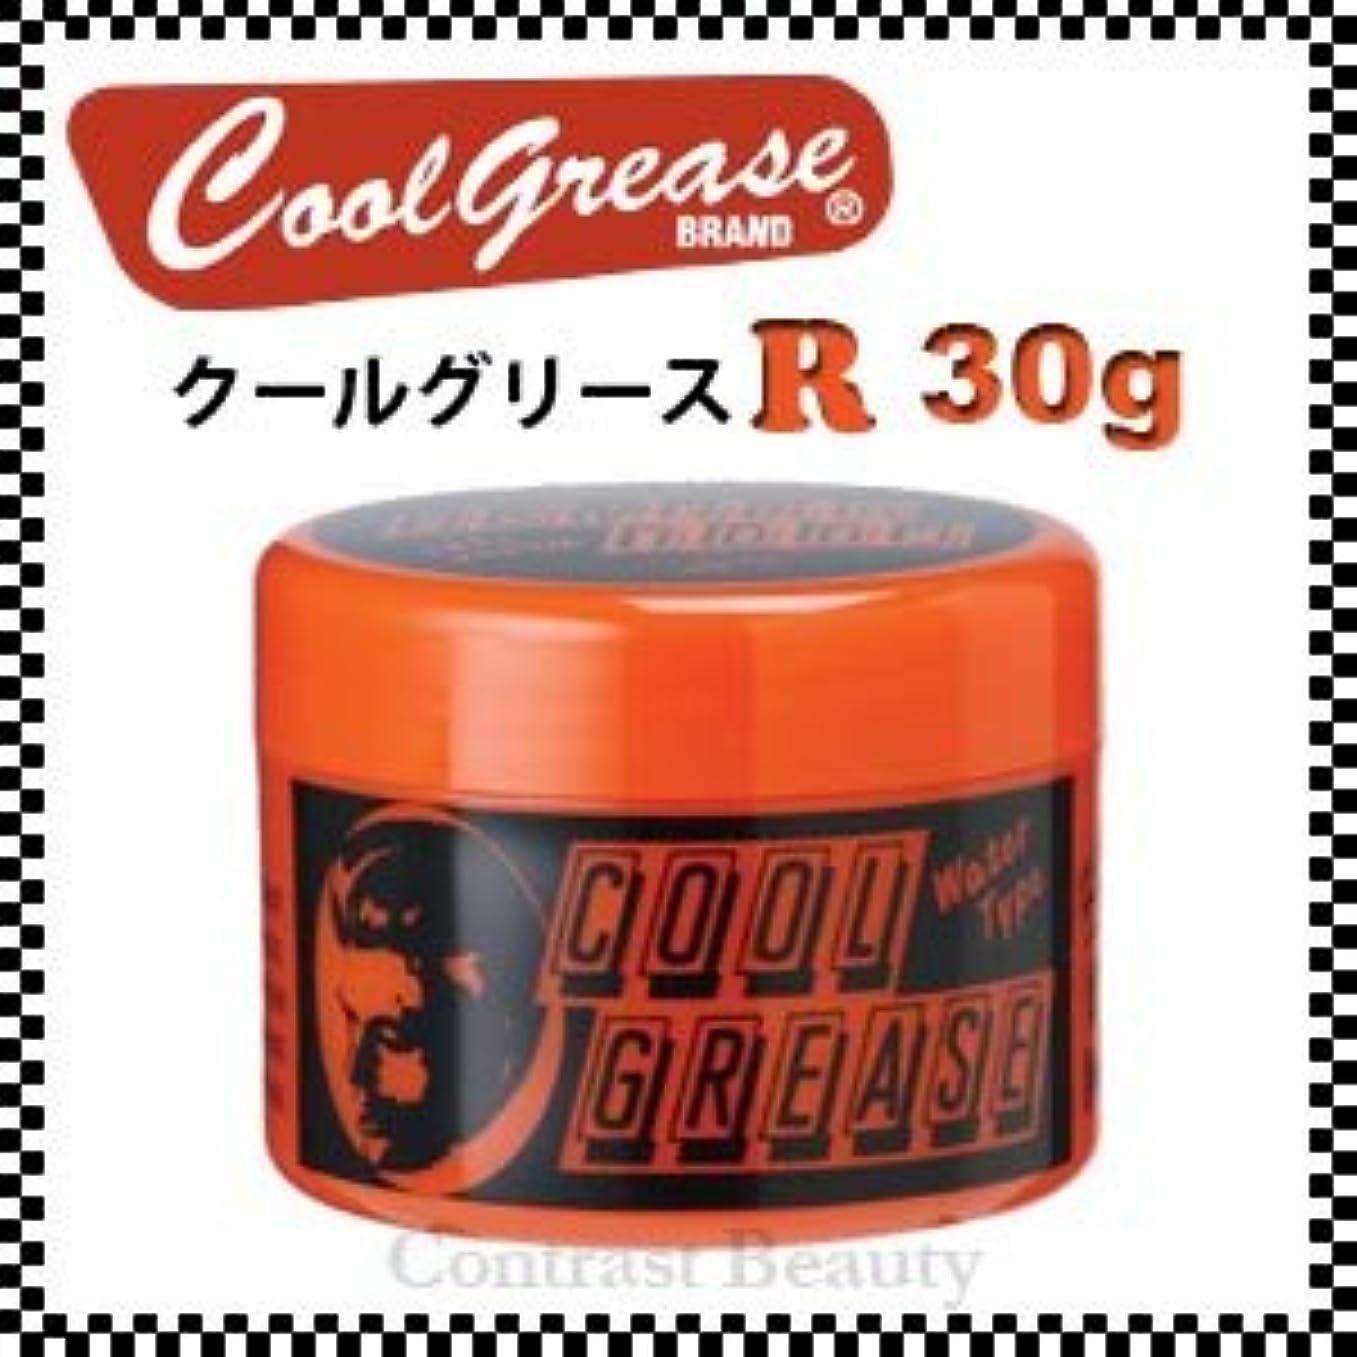 鋭く同意する熱意【X5個セット】 阪本高生堂 クールグリース R 30g